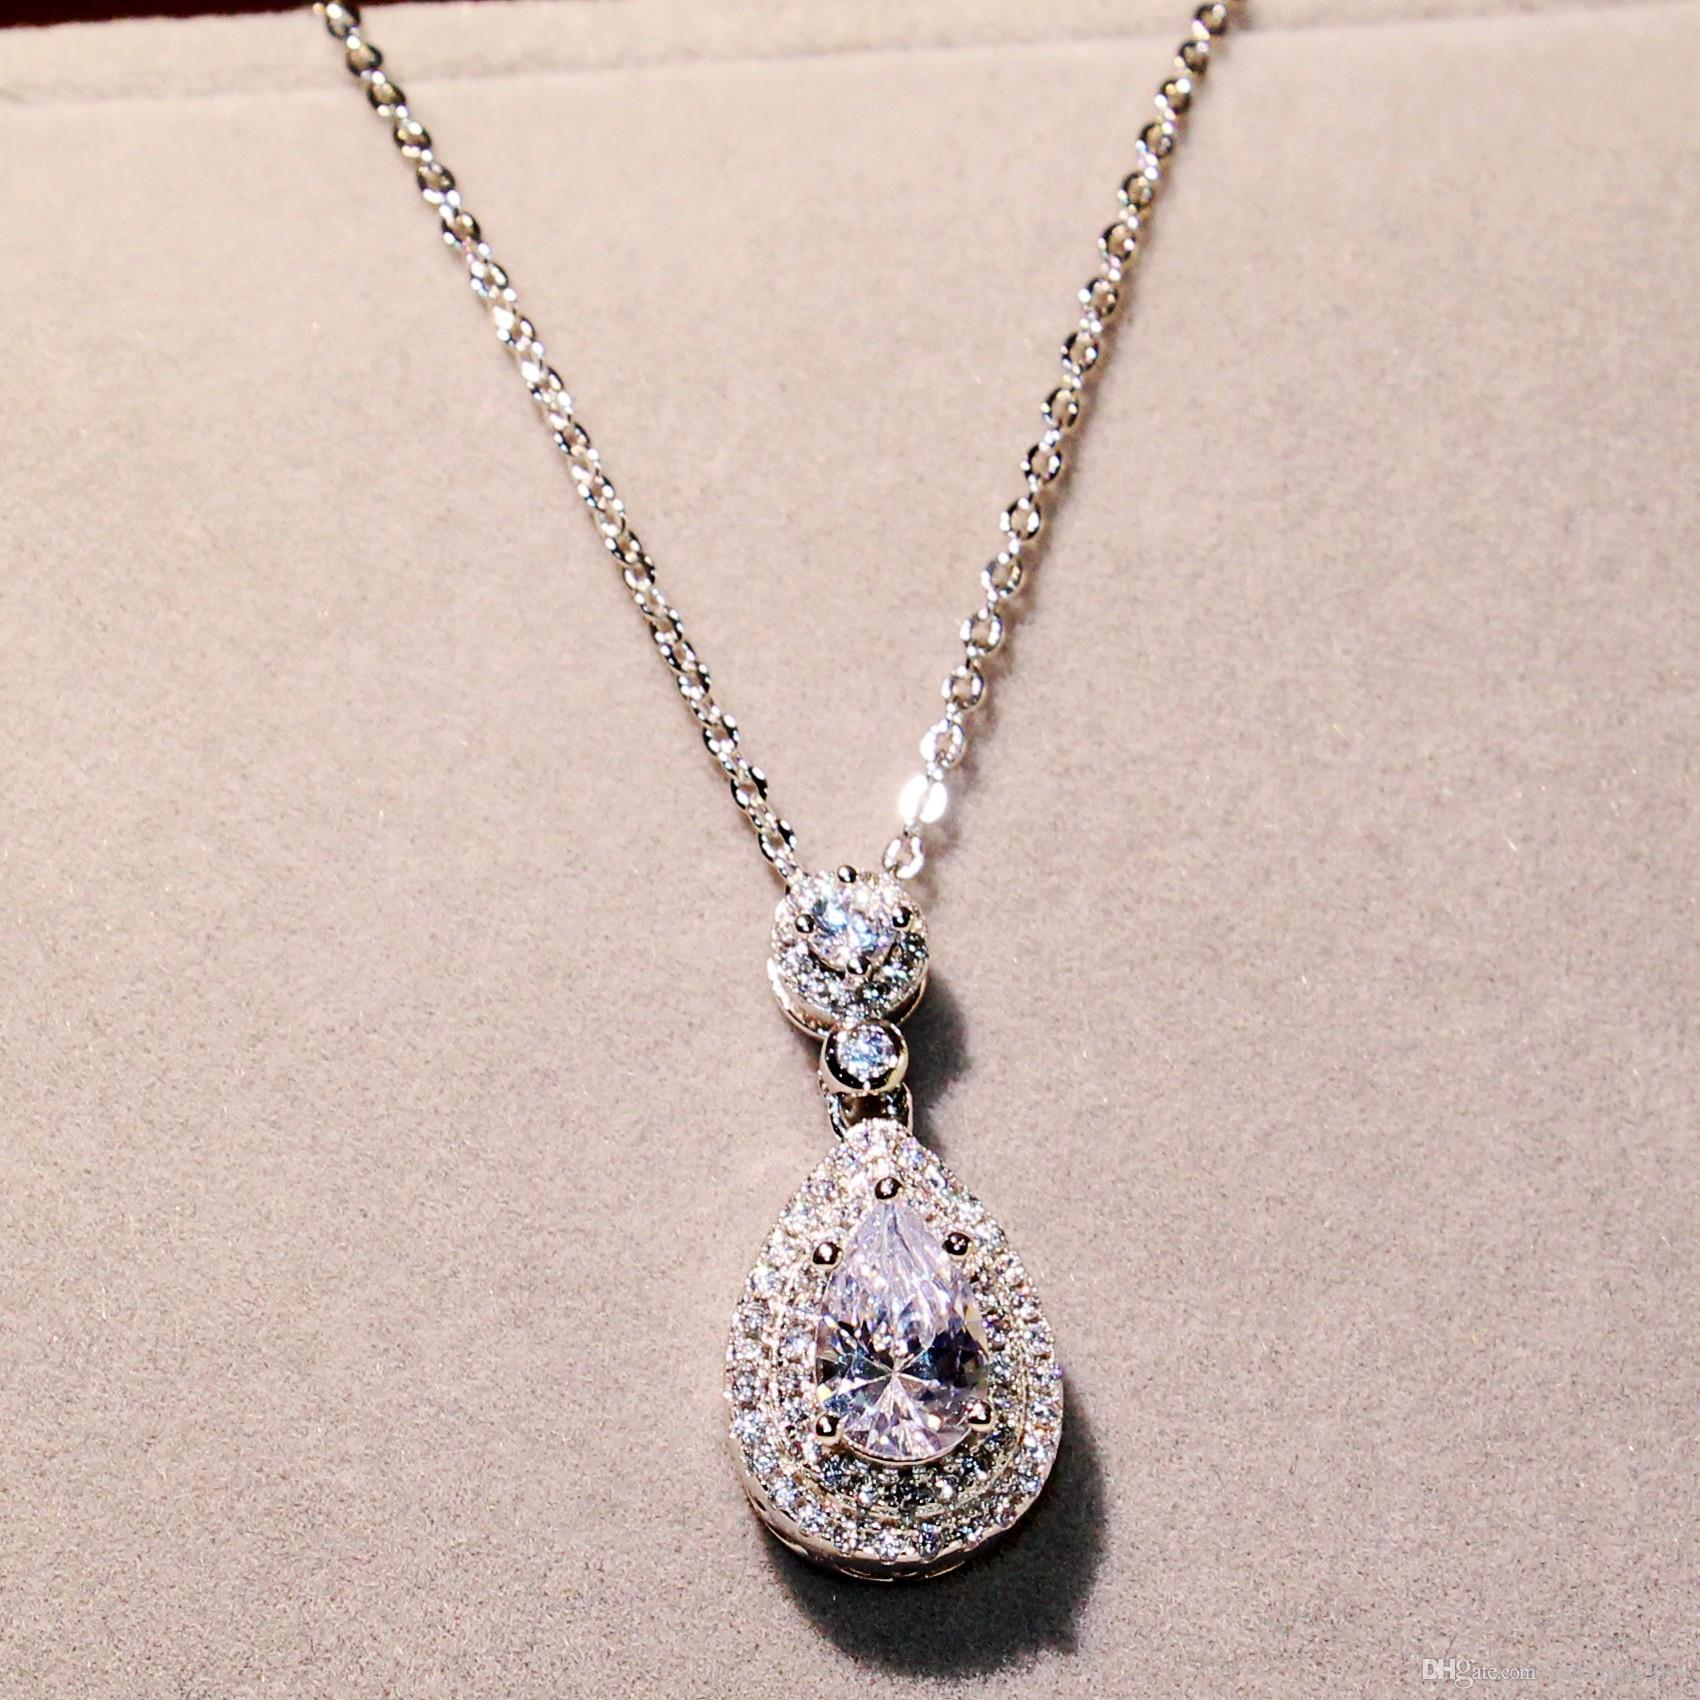 Meistverkaufte Großhandel Professionelle Luxus Schmuck Wassertropfen Halskette 925 Sterling Silber Birne Form Topaz CZ Diamant Anhänger Für Frauen Geschenk